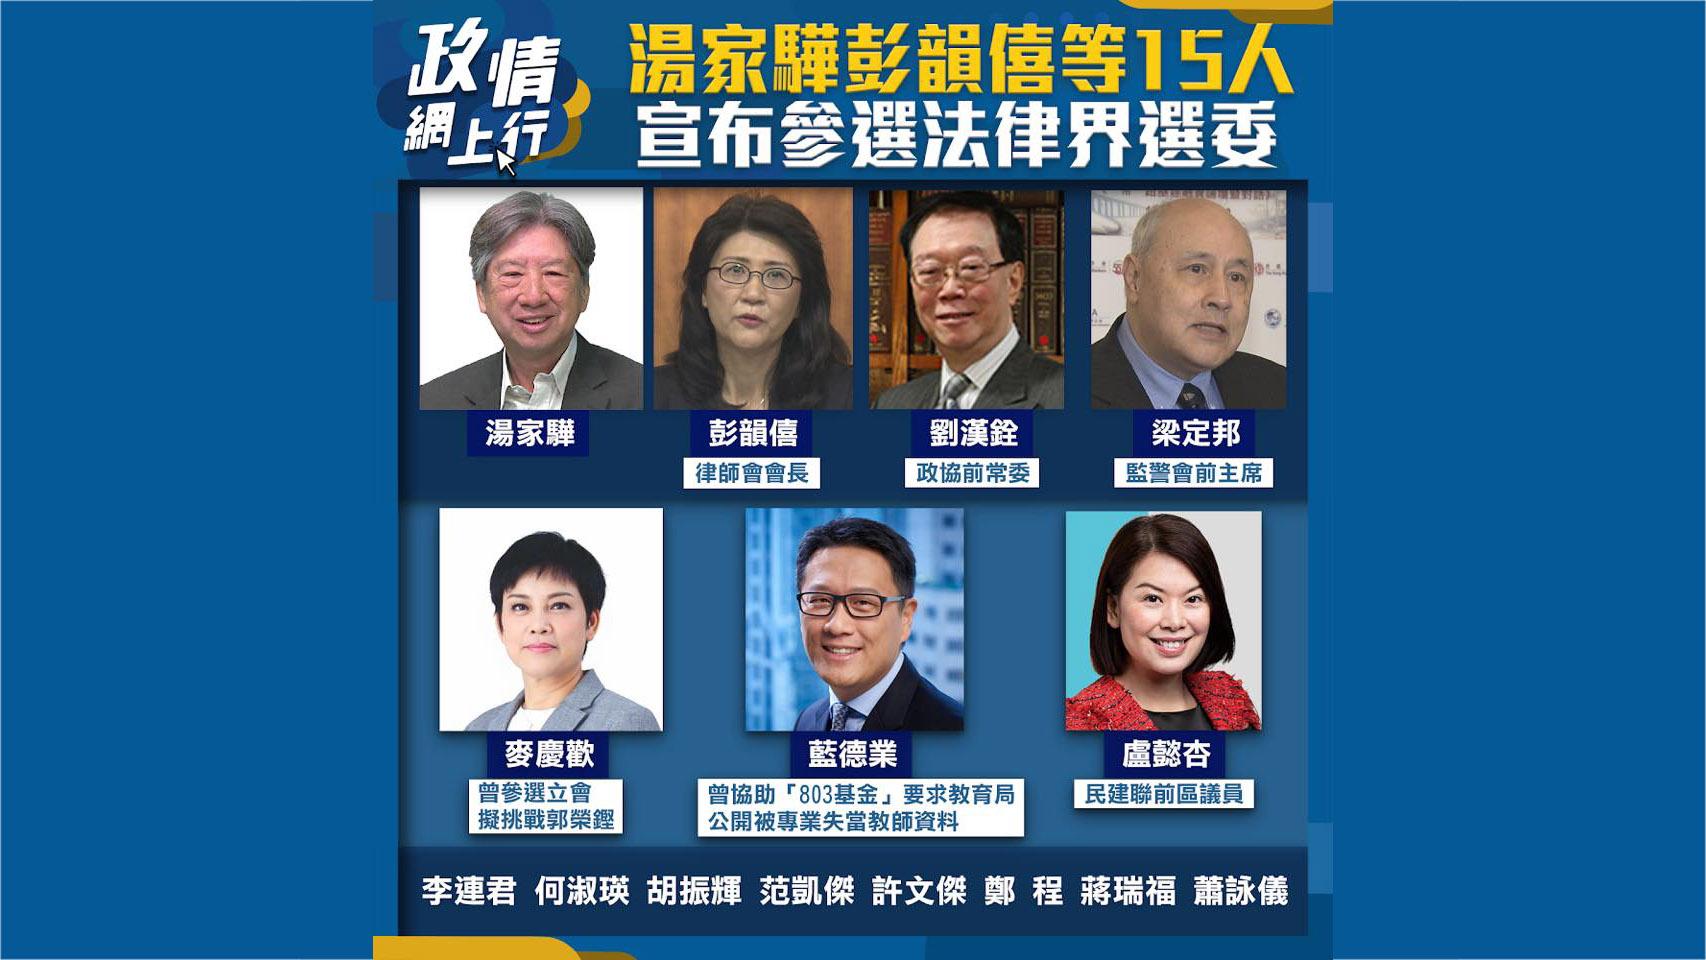 【政情網上行】湯家驊彭韻僖等15人宣布參選法律界選委